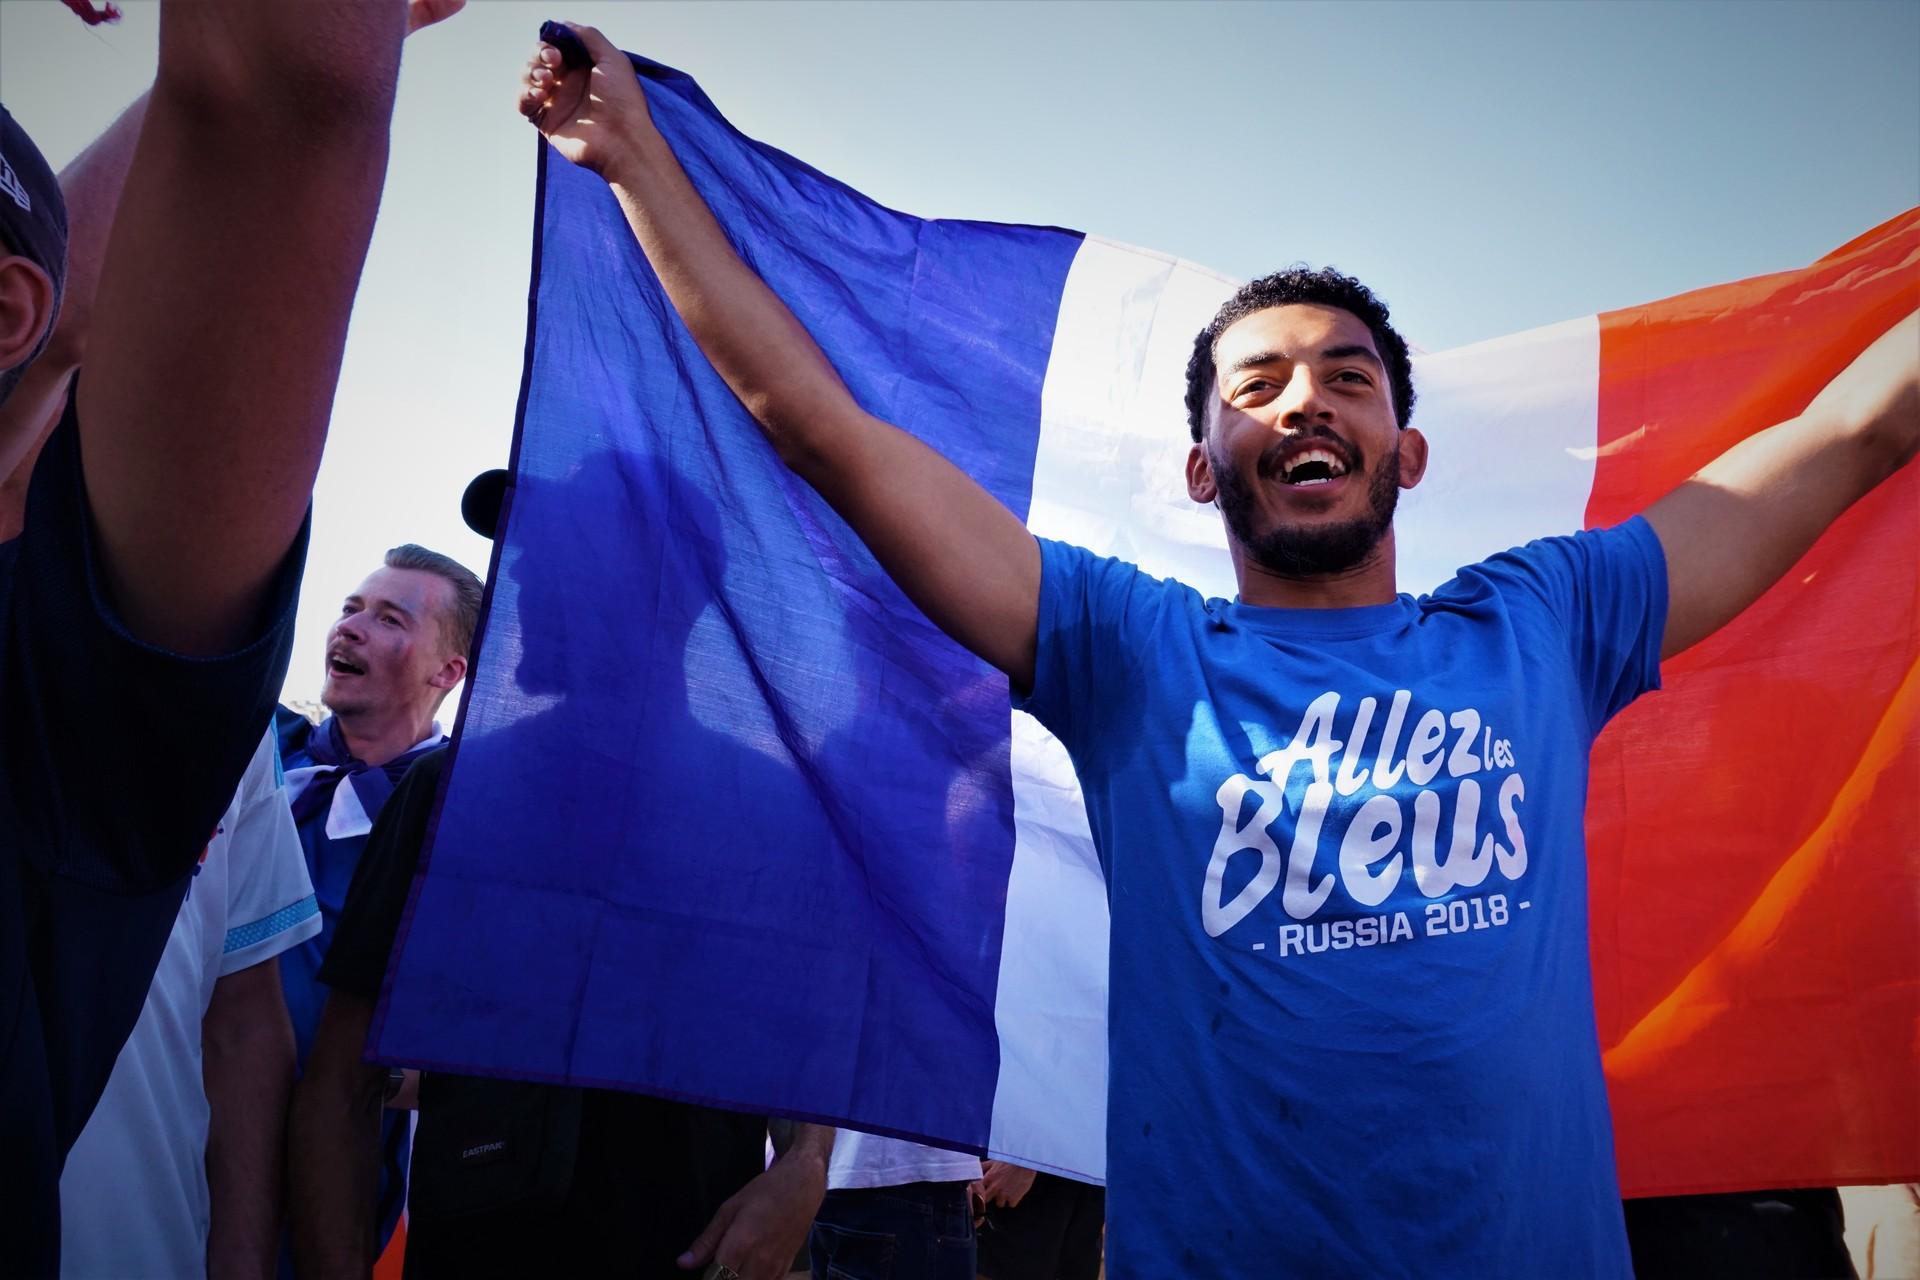 Le cri de Genève pour les Bleus